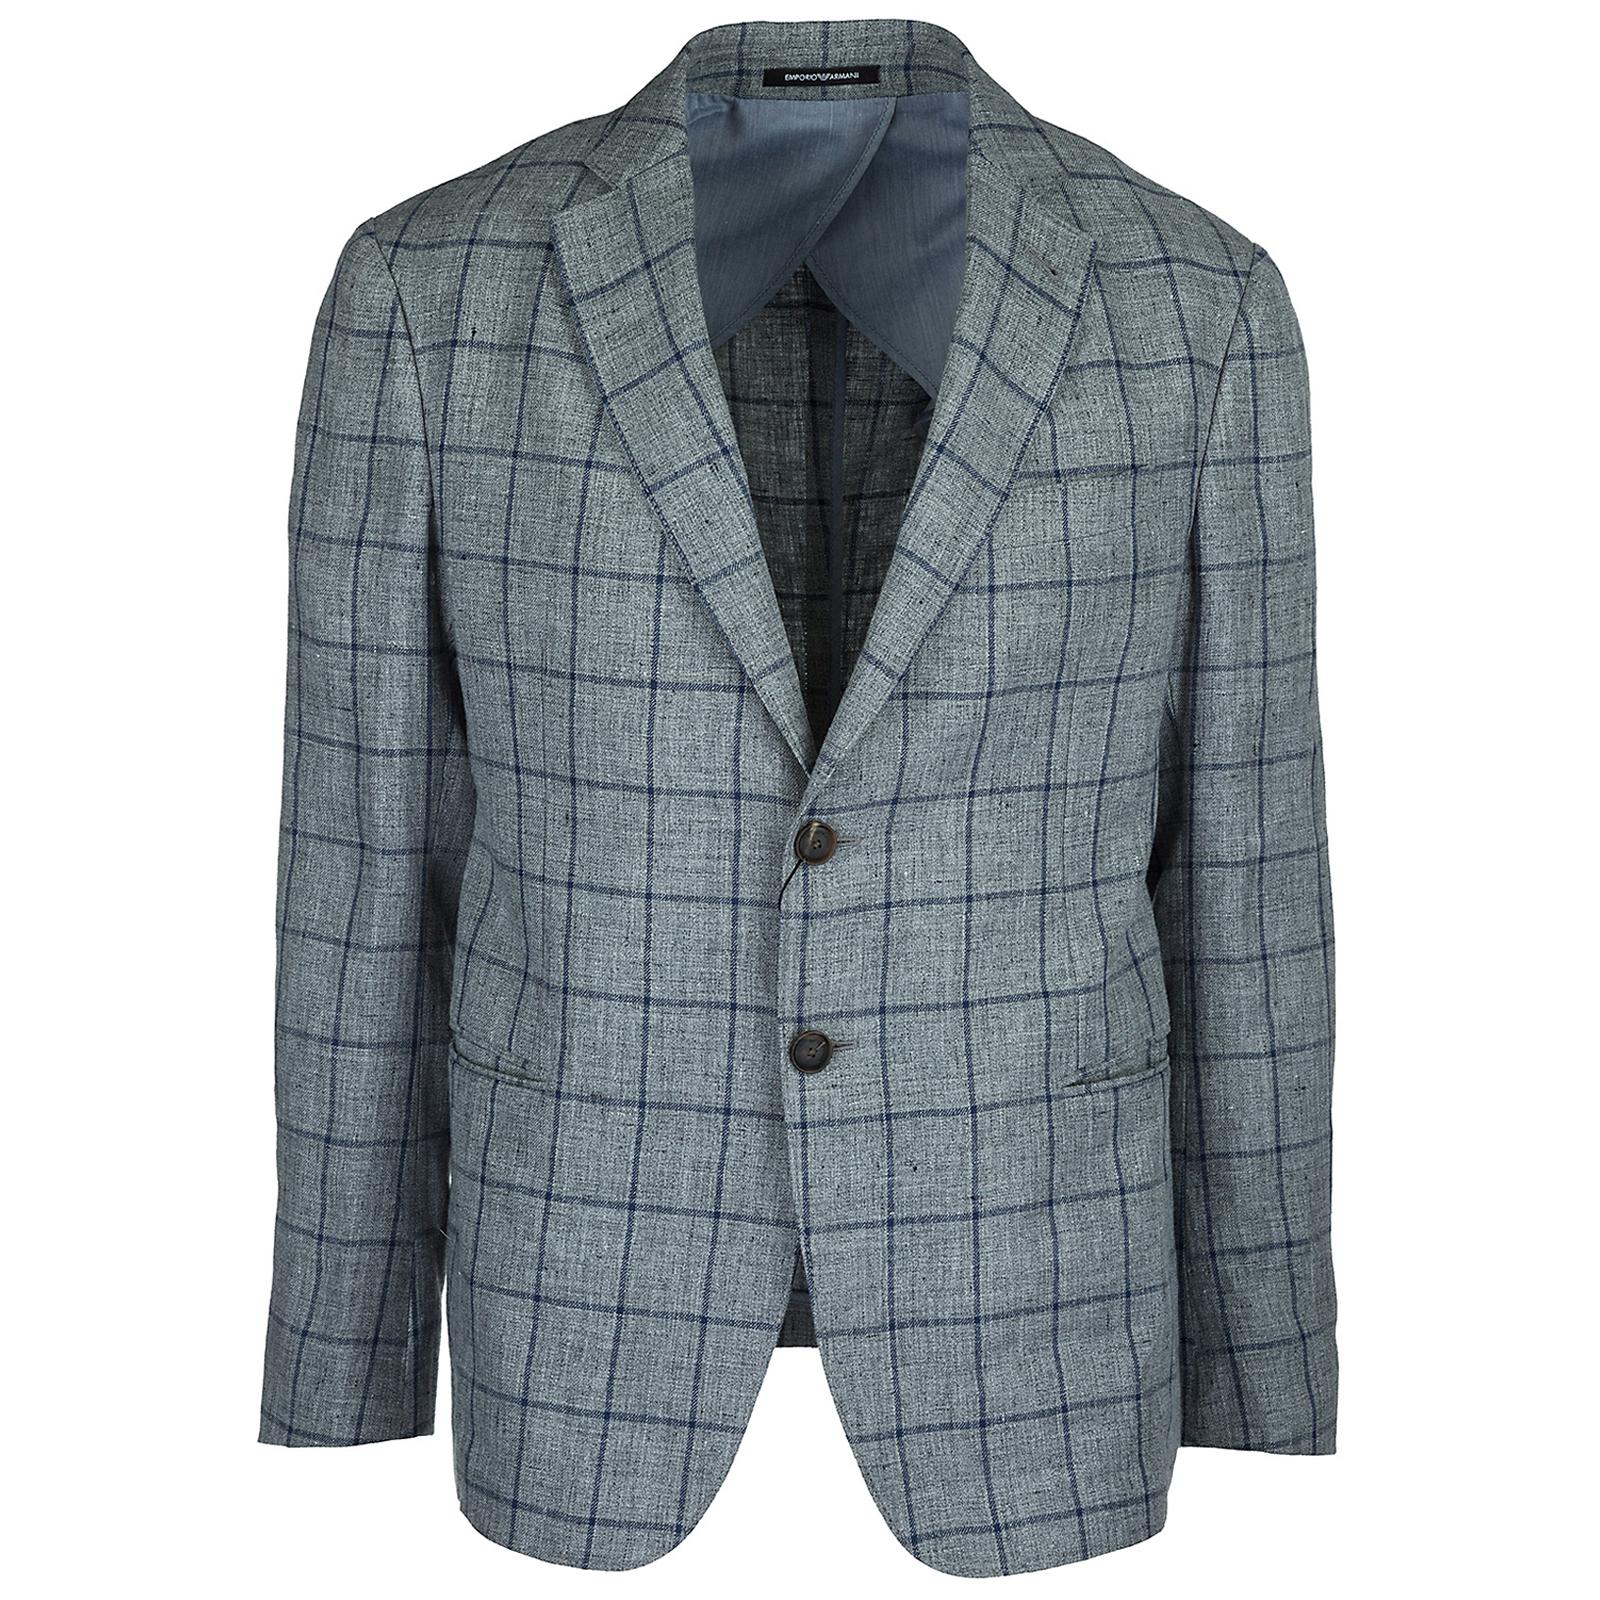 Cazadoras hombres americana chaqueta